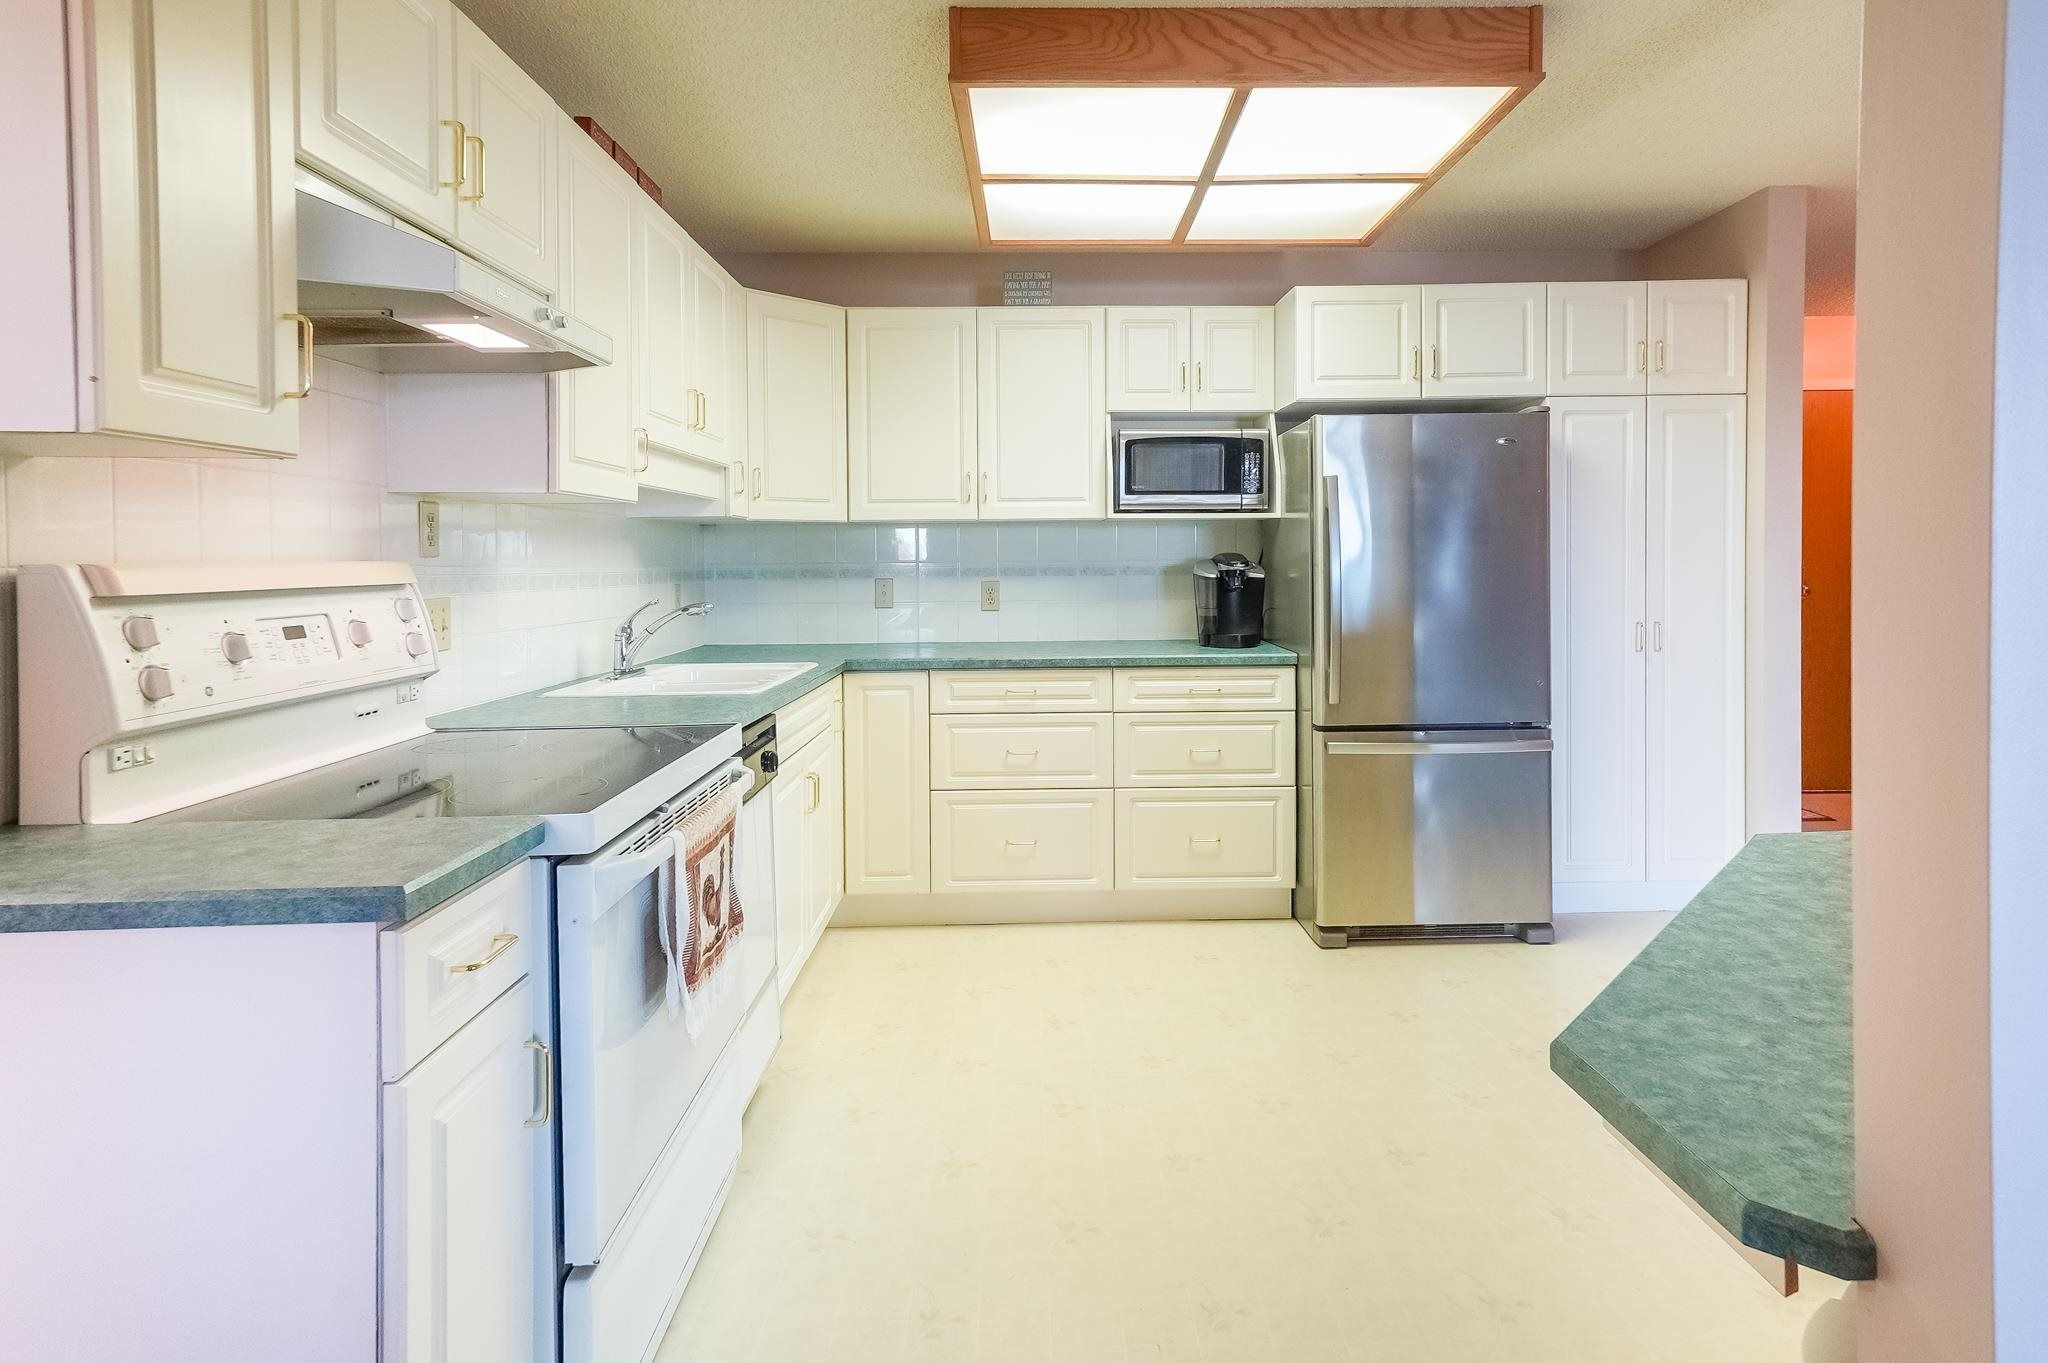 Photo 6: Photos: 205 5212 48 Avenue: Wetaskiwin Condo for sale : MLS®# E4254817